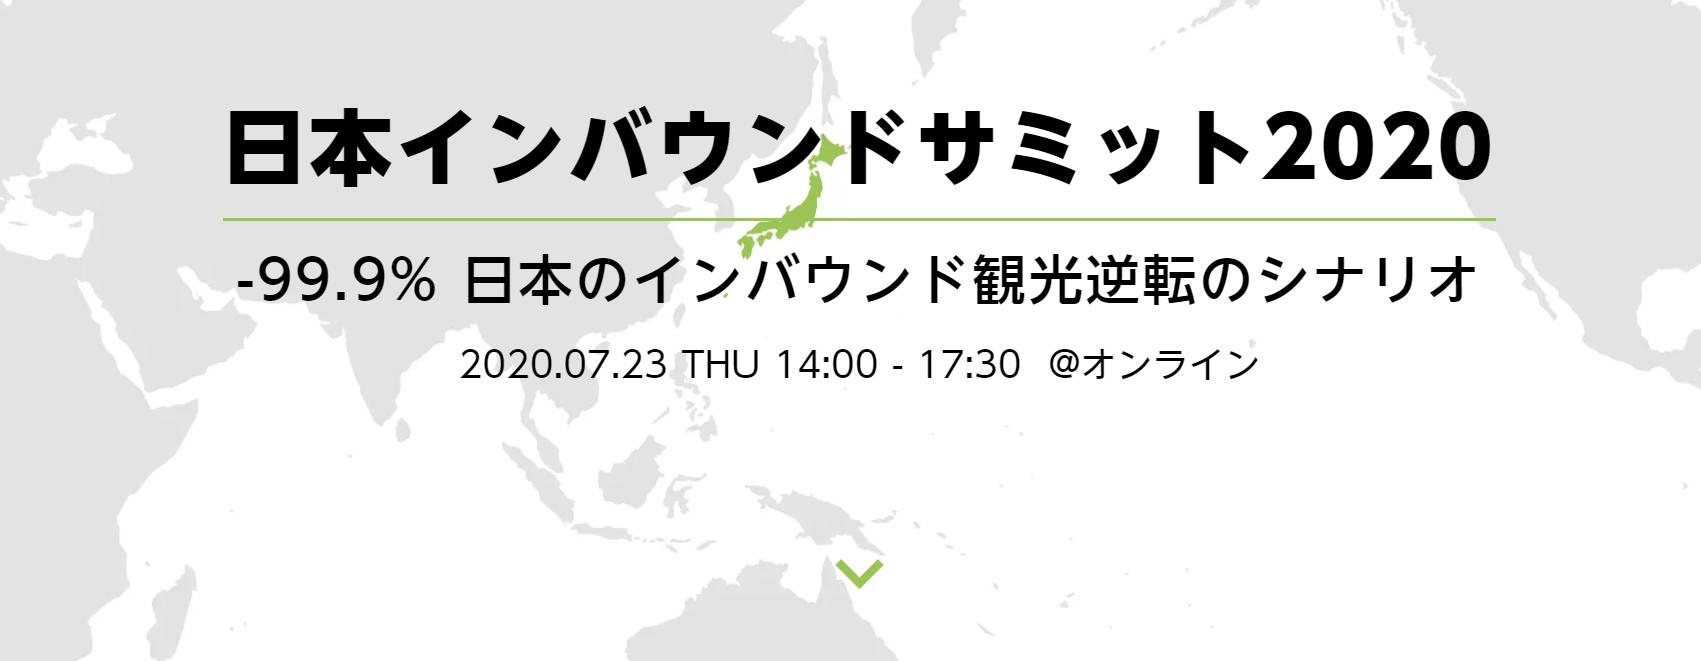 【終了】7/23 代表取締役の竹内が「日本インバウンドサミット2020」に登壇します